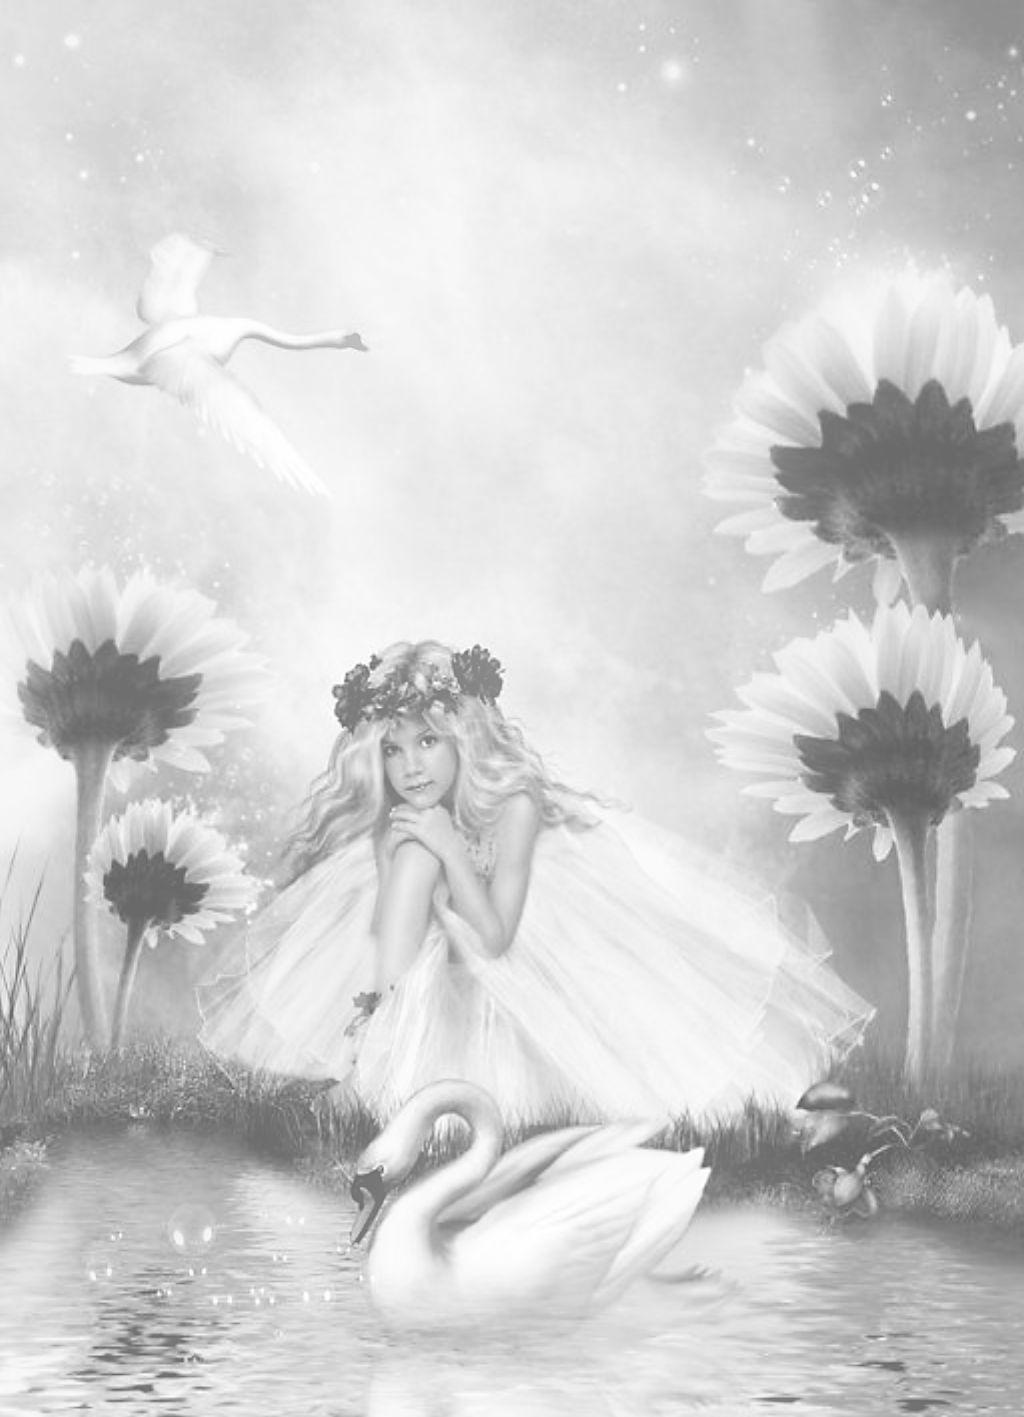 Coloring For Adults En Kleuren Voor Volwassenen Grayscale Coloring Fairy Coloring Pages Grayscale Art [ 1417 x 1024 Pixel ]